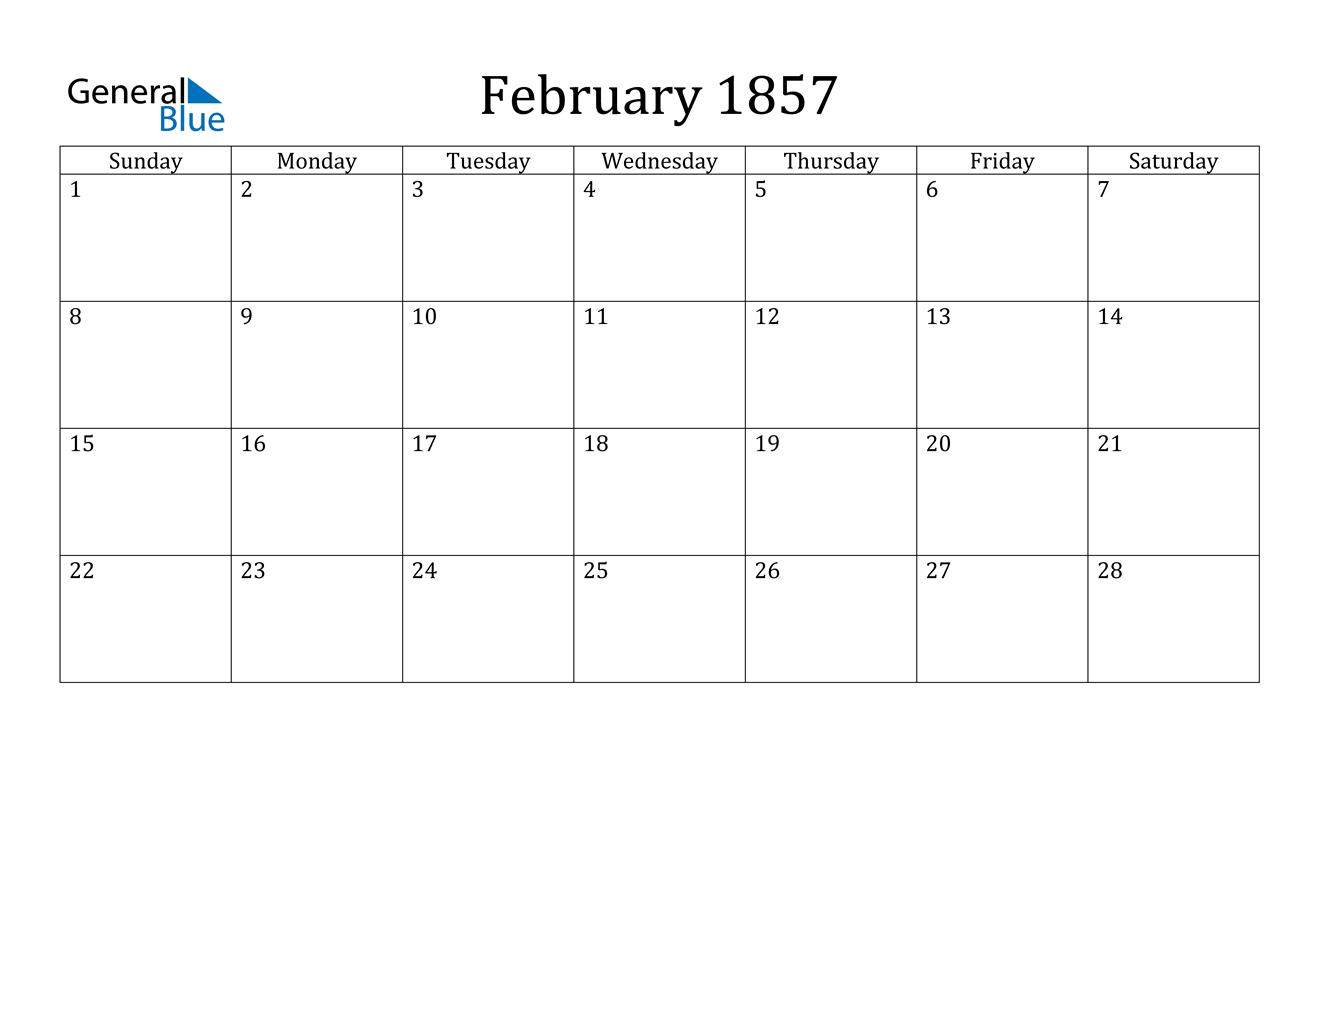 Image of February 1857 Calendar